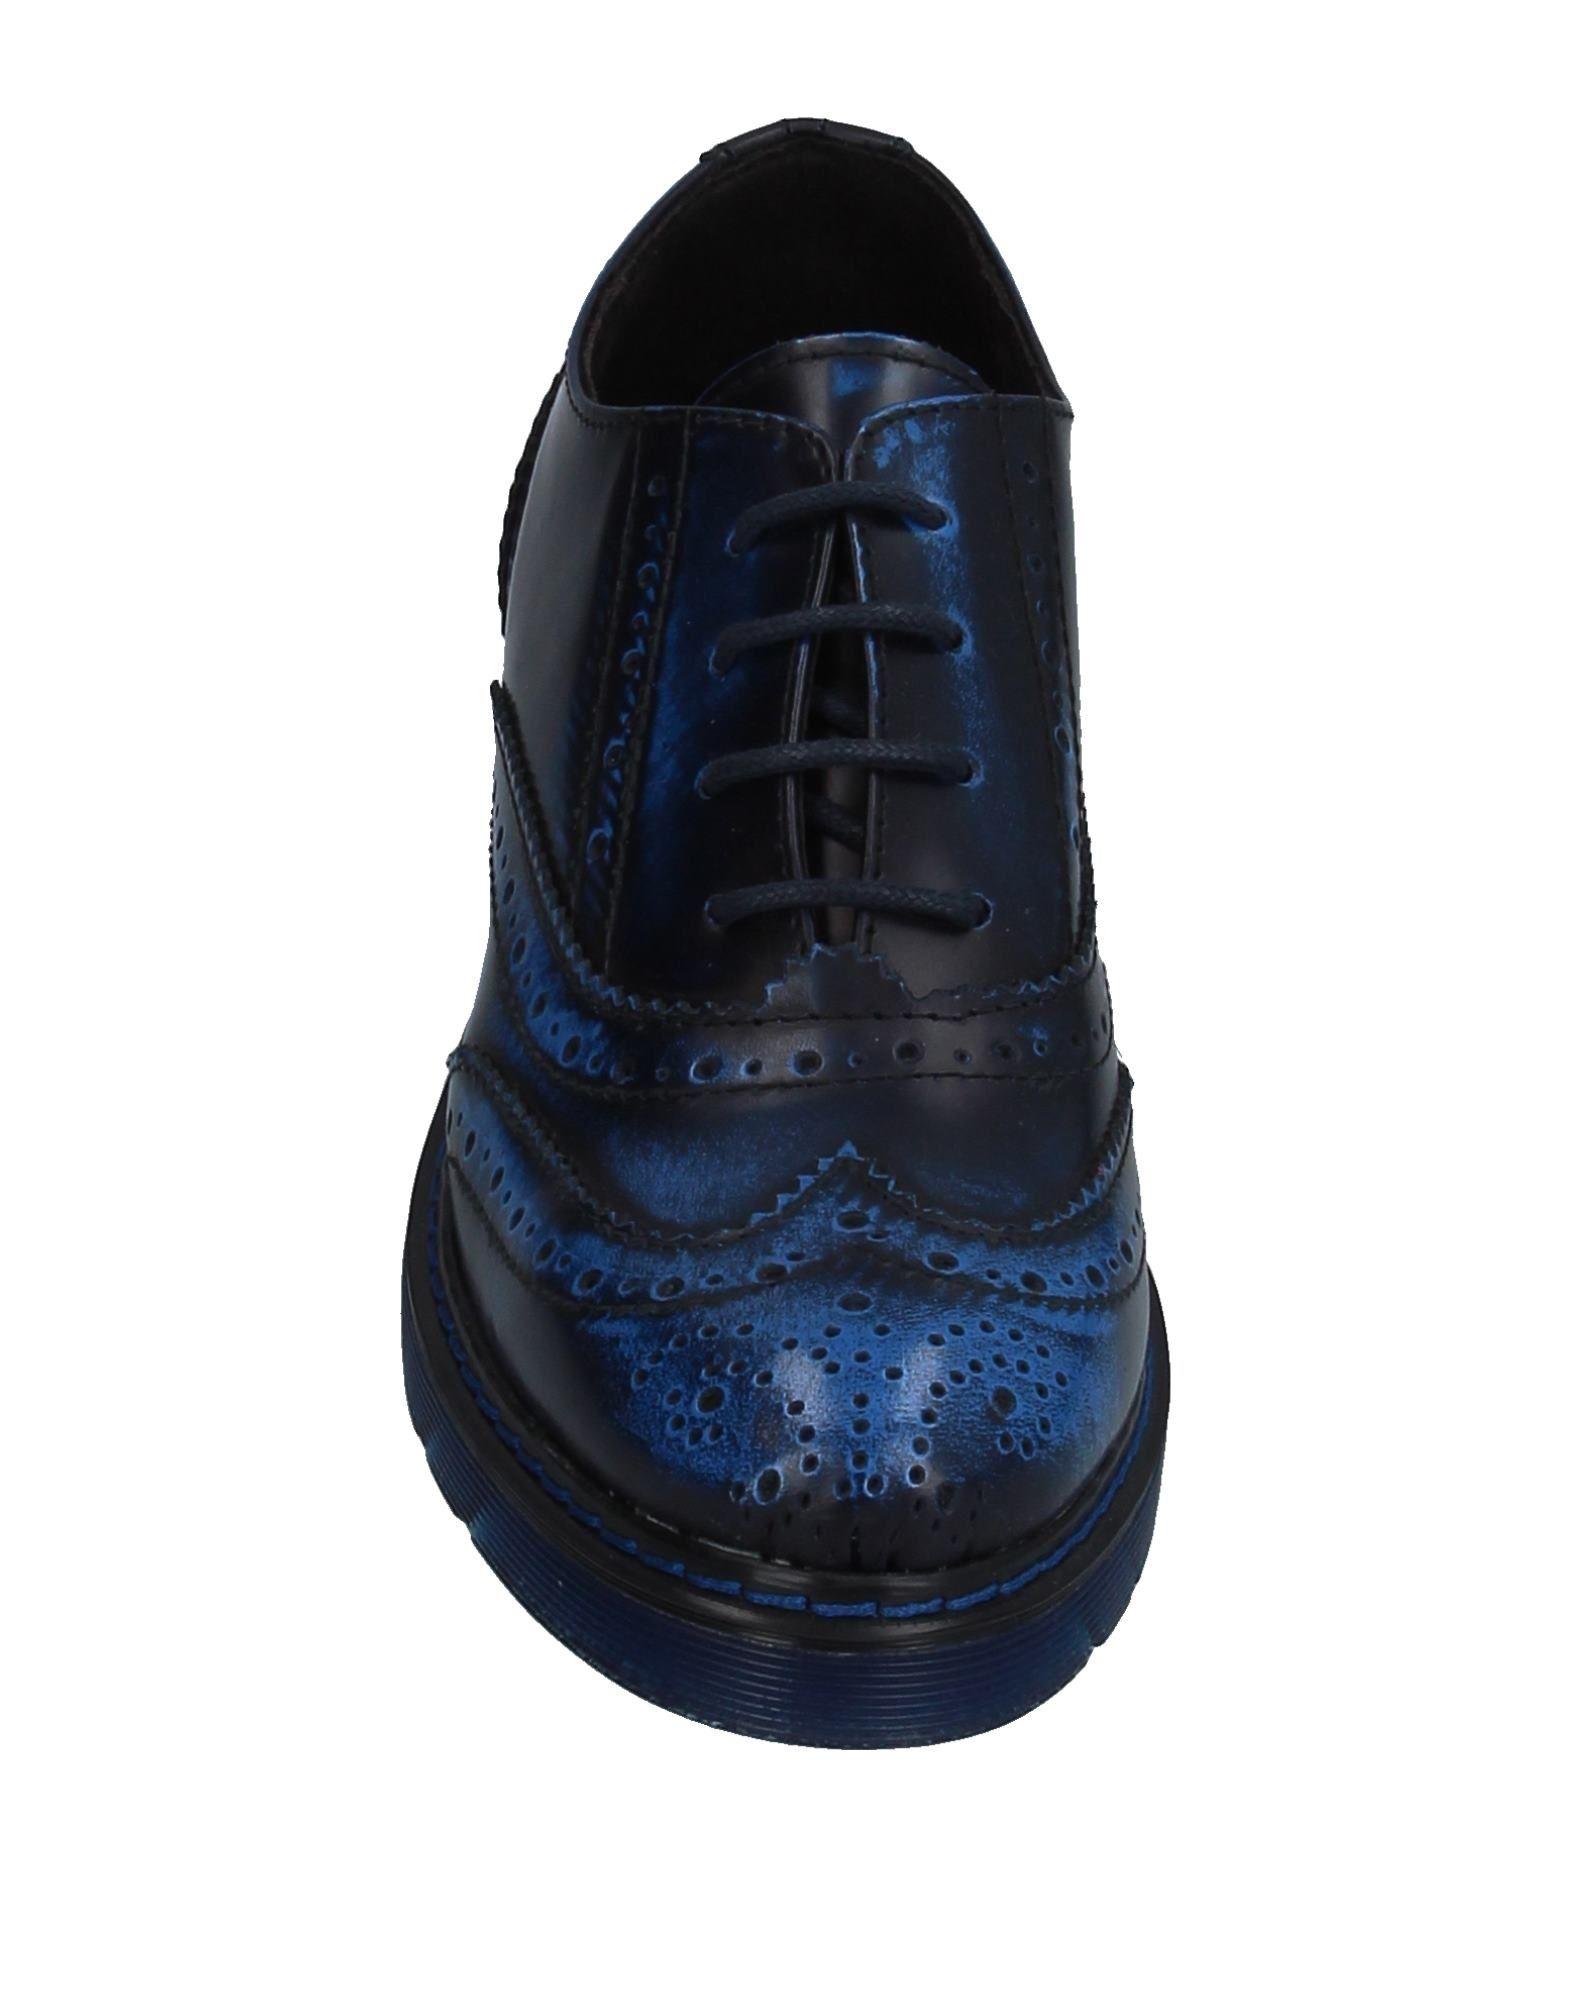 Bage Schnürschuhe Damen  11356842SI Gute Qualität beliebte Schuhe